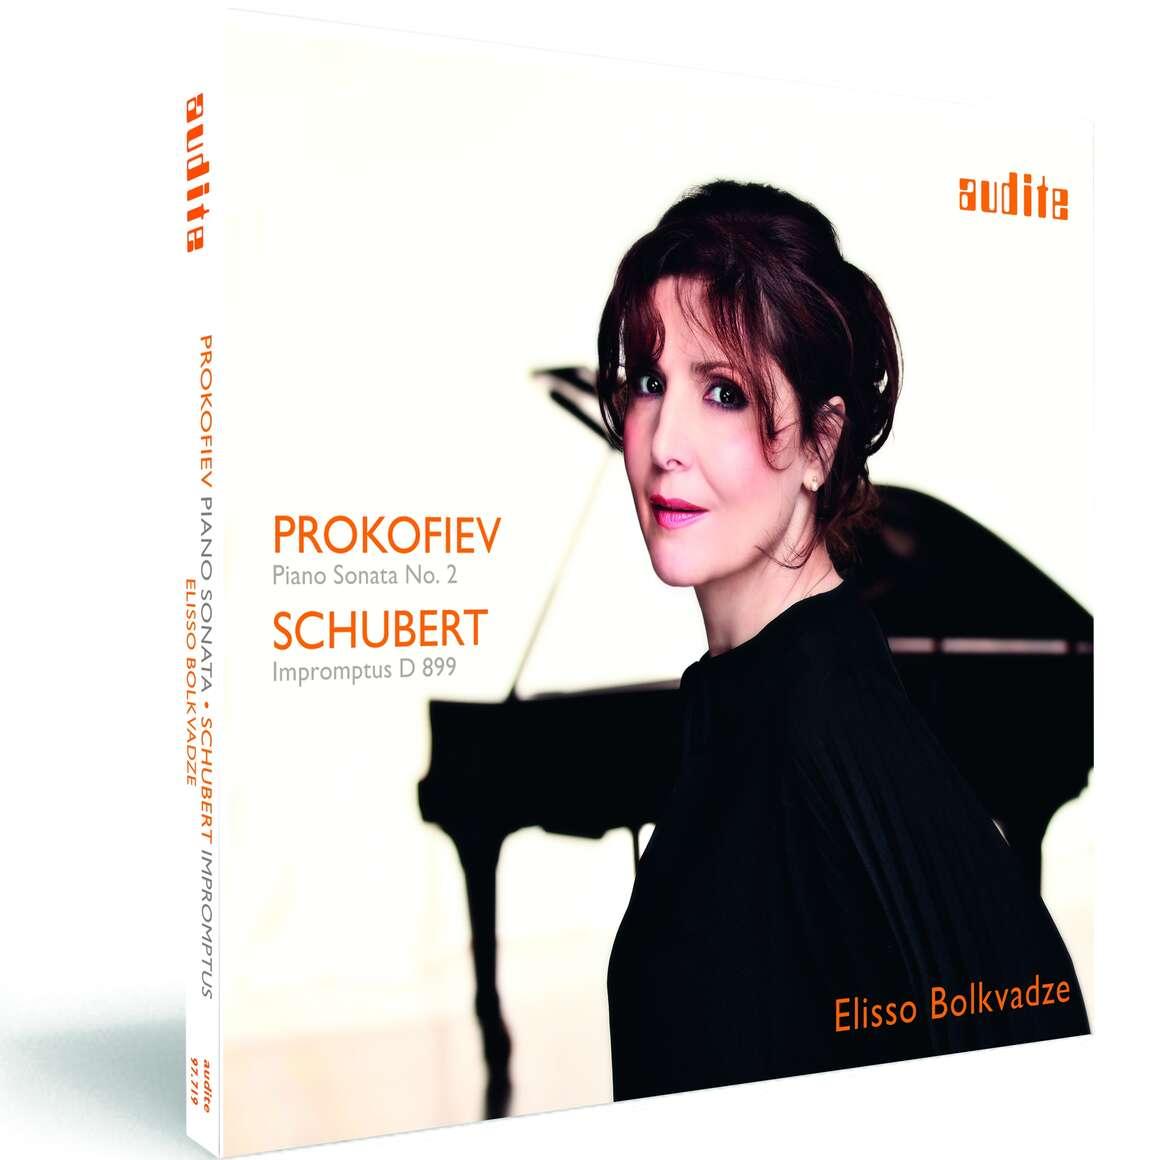 Elisso Bolkvadze plays Prokofiev and Schubert